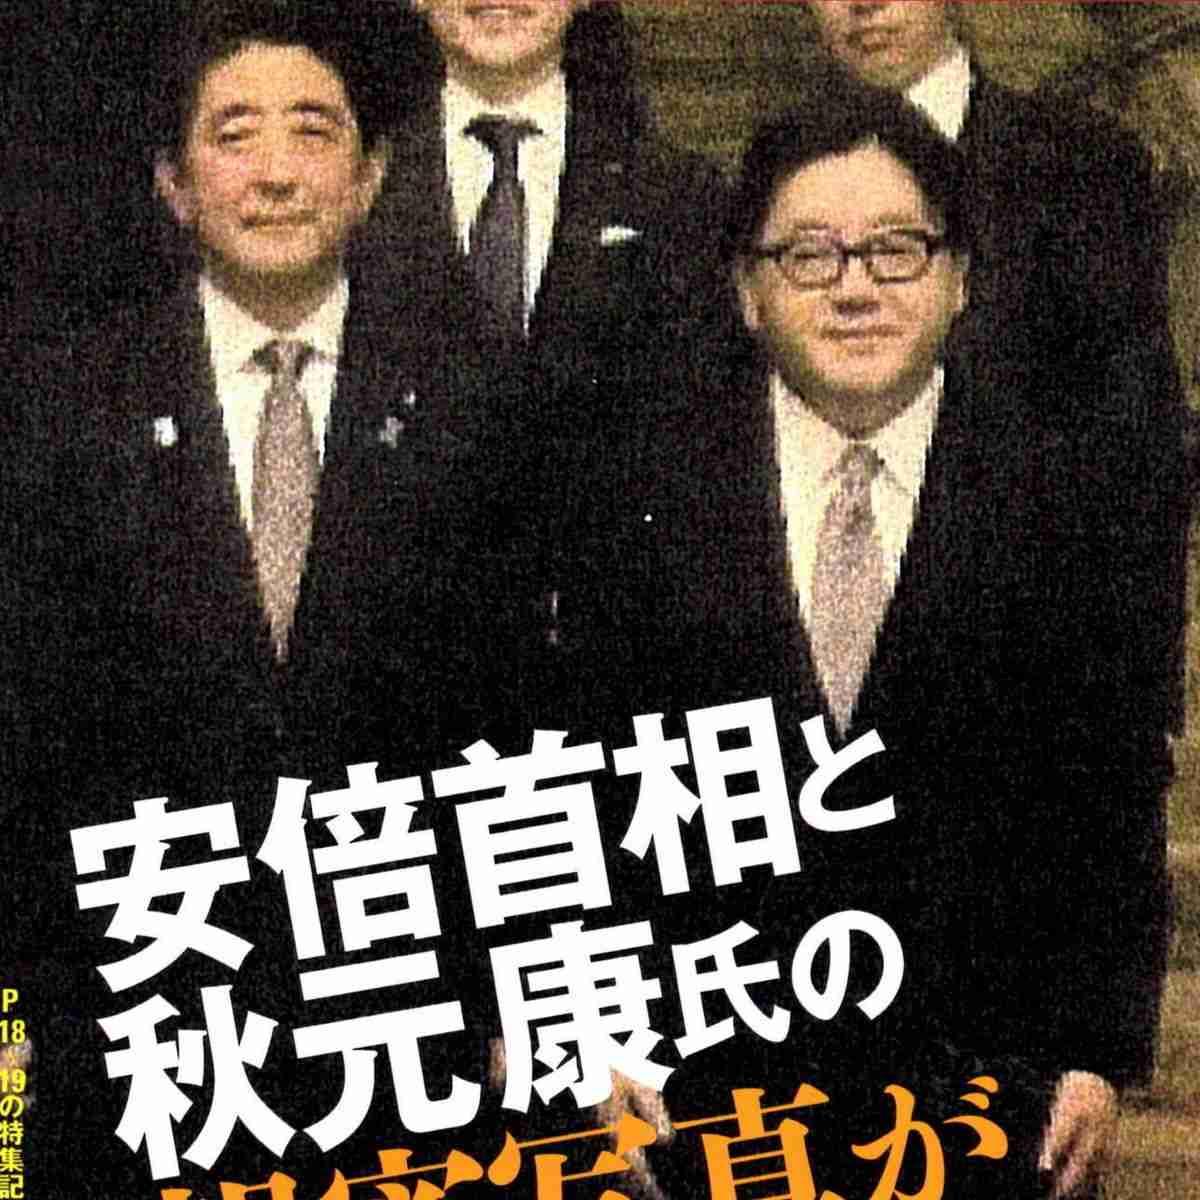 ABK48が完全にアベ親衛隊になってたwww AKB48秋元康と安倍晋三が癒着!国民アイドルの裏側 - NAVER まとめ